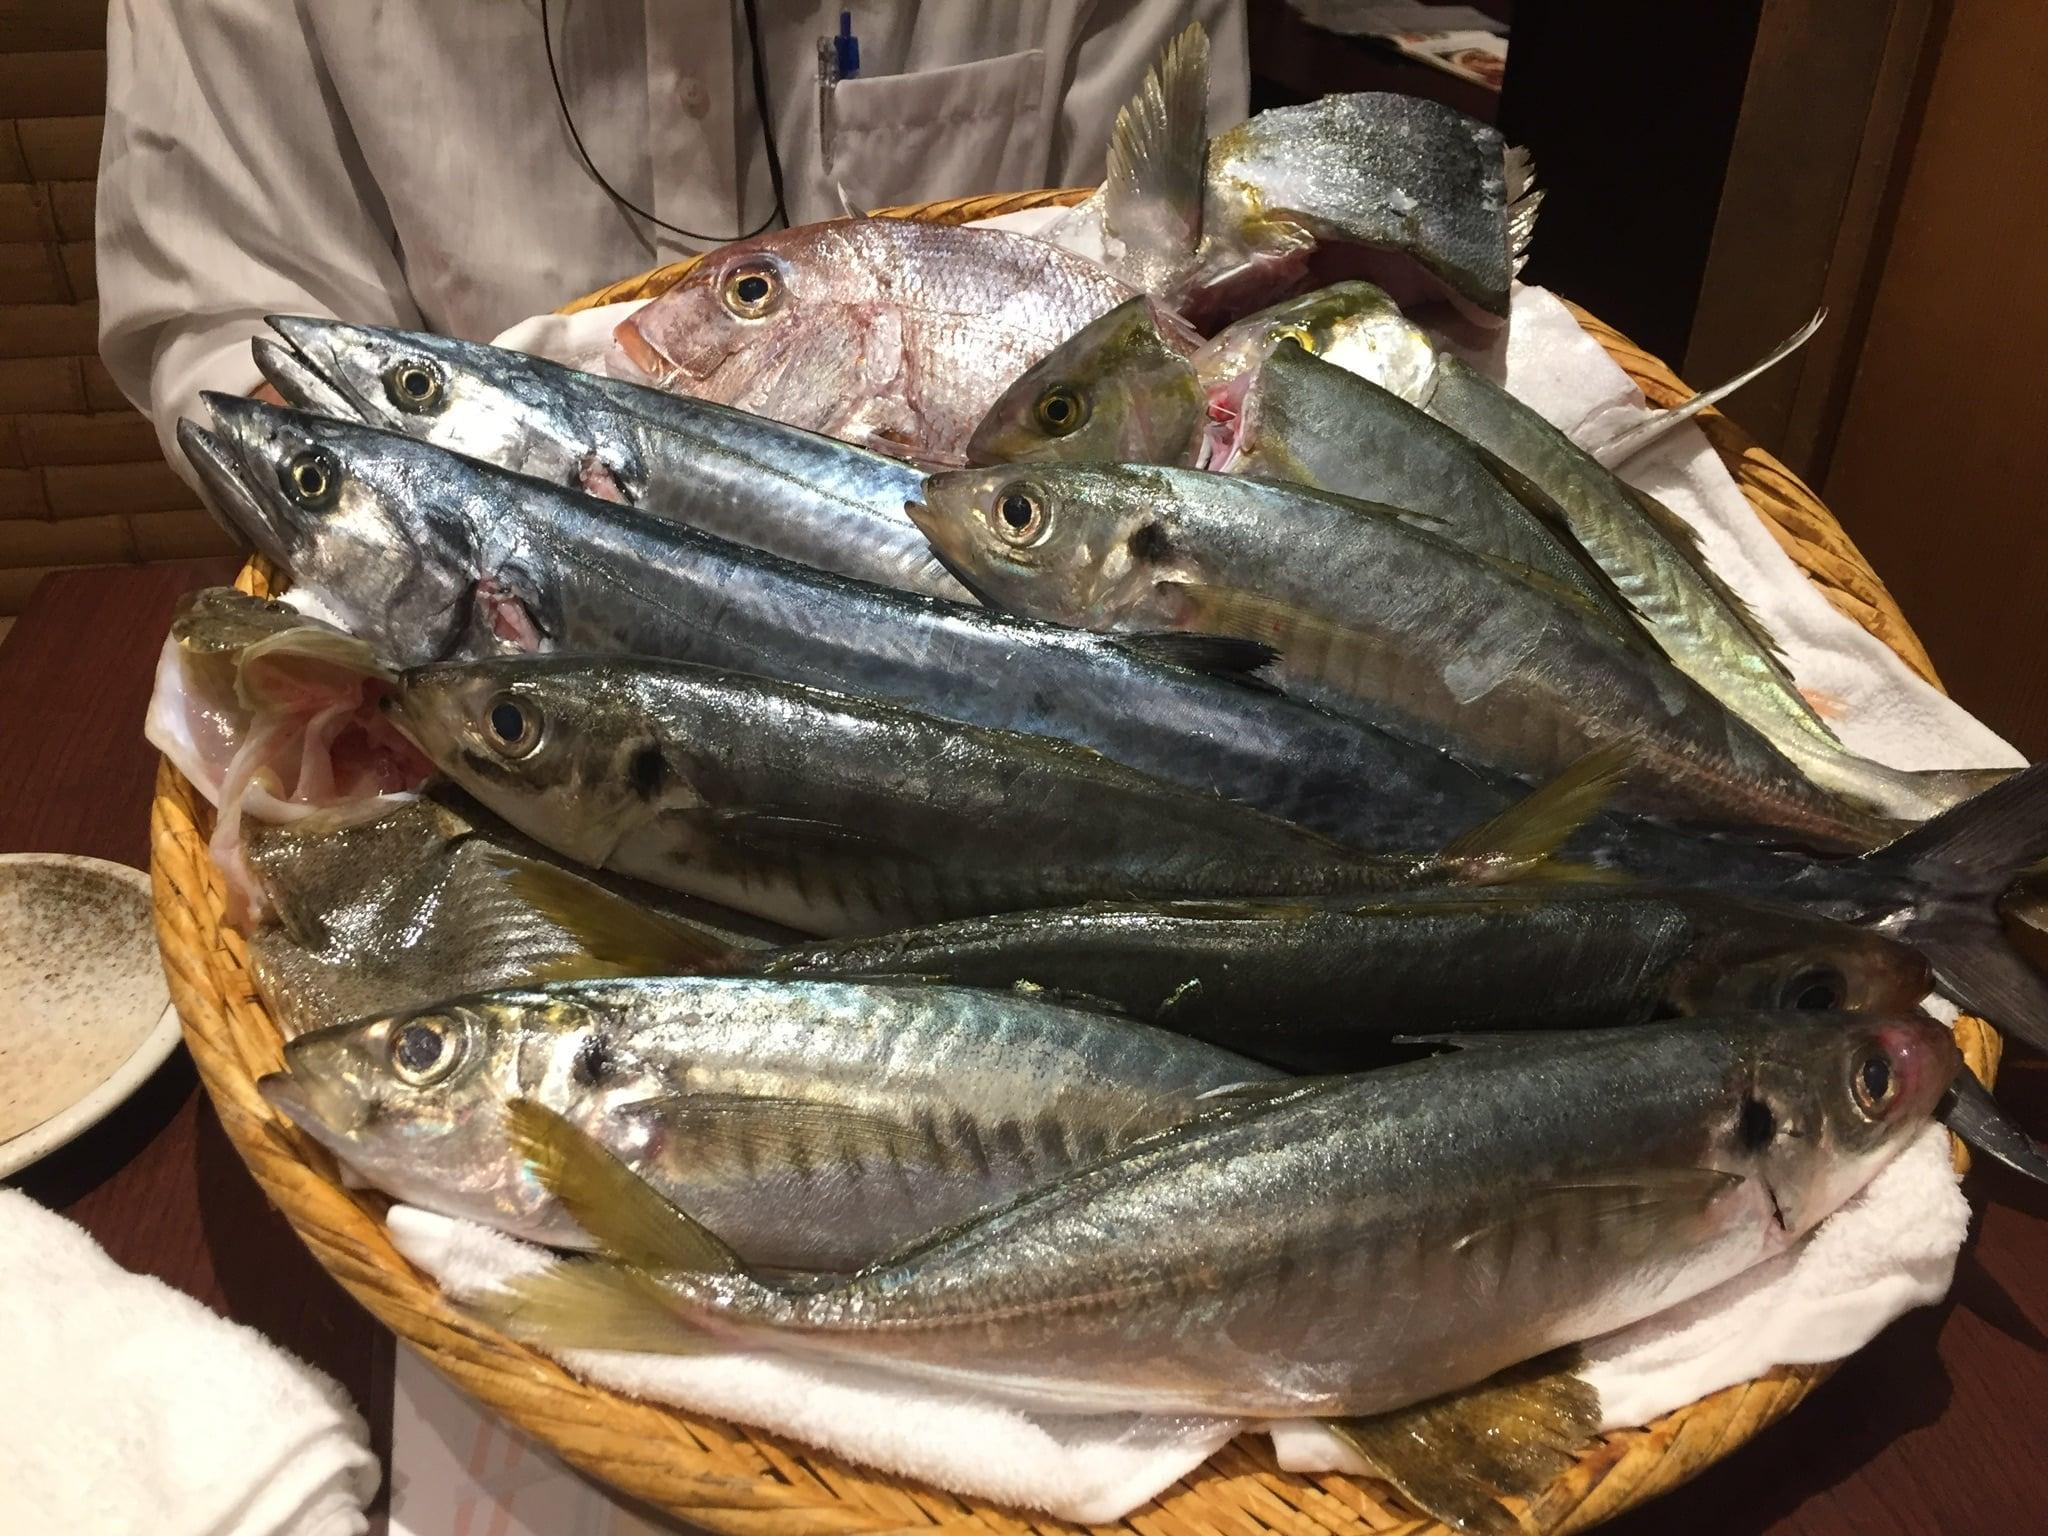 【第二の故郷づくりオフ会】淡路島の方と淡路島料理を食べよう!@新橋・銀座のイメージその1